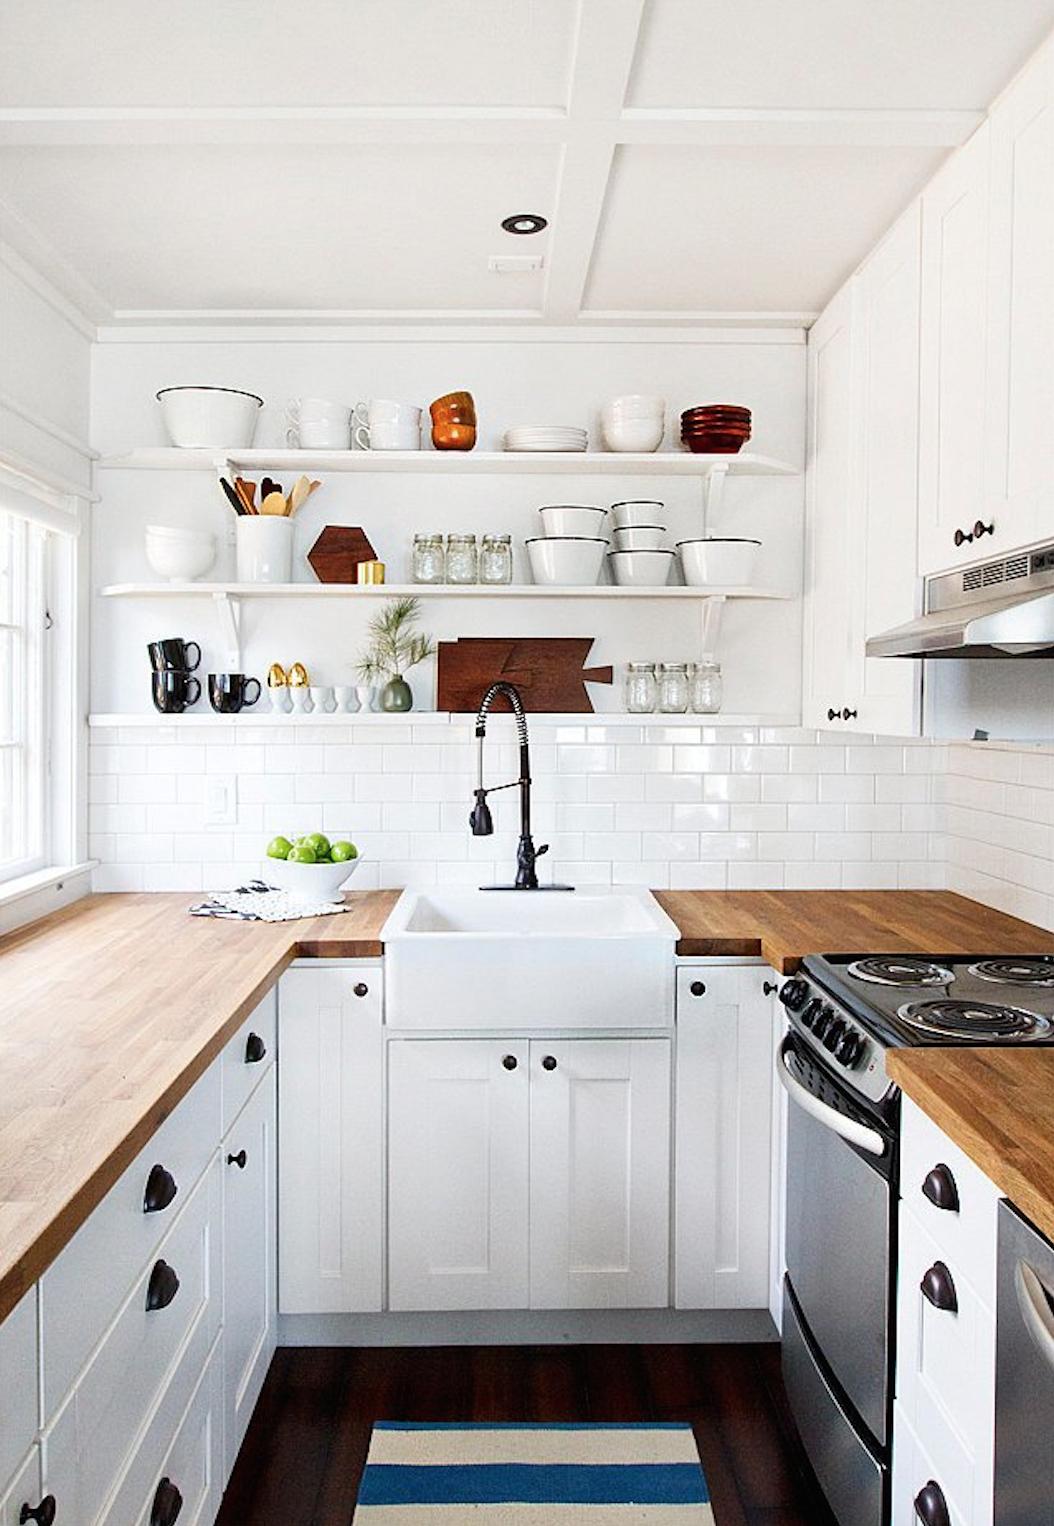 Cocina pequeña en blanco y madera